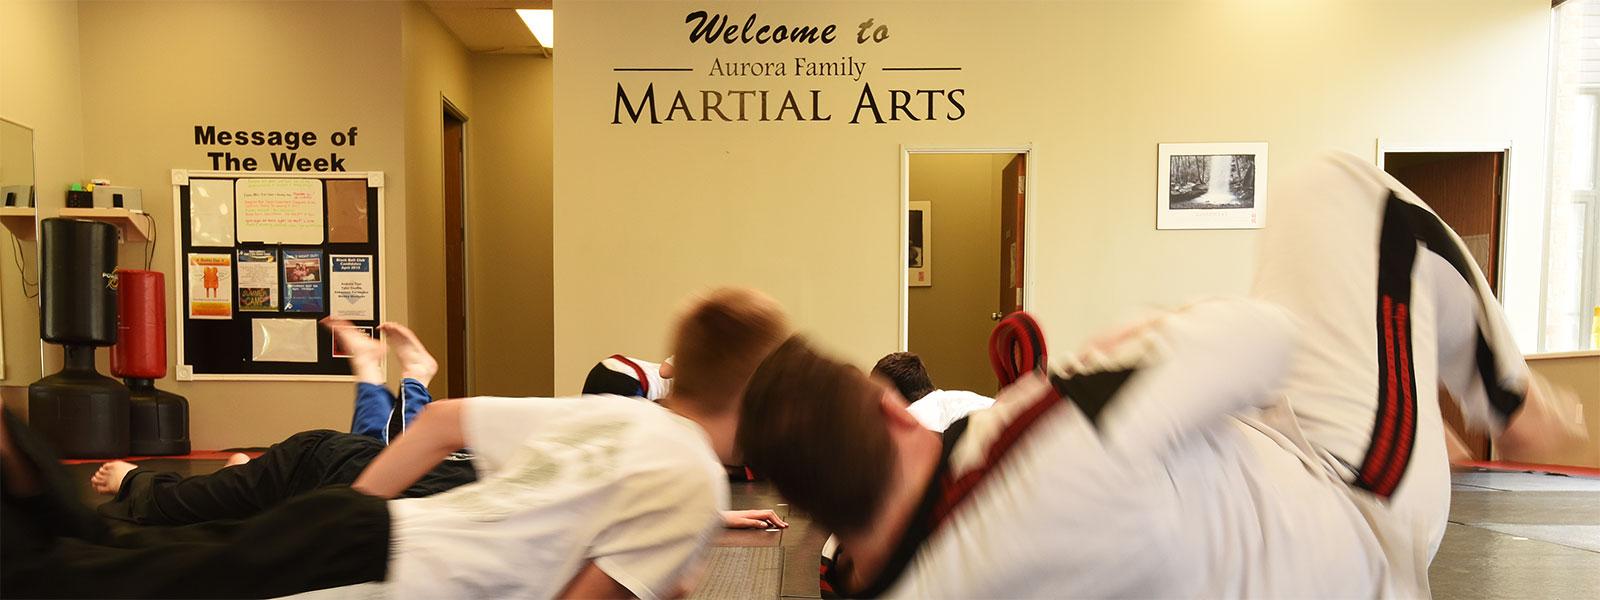 karate in aurora